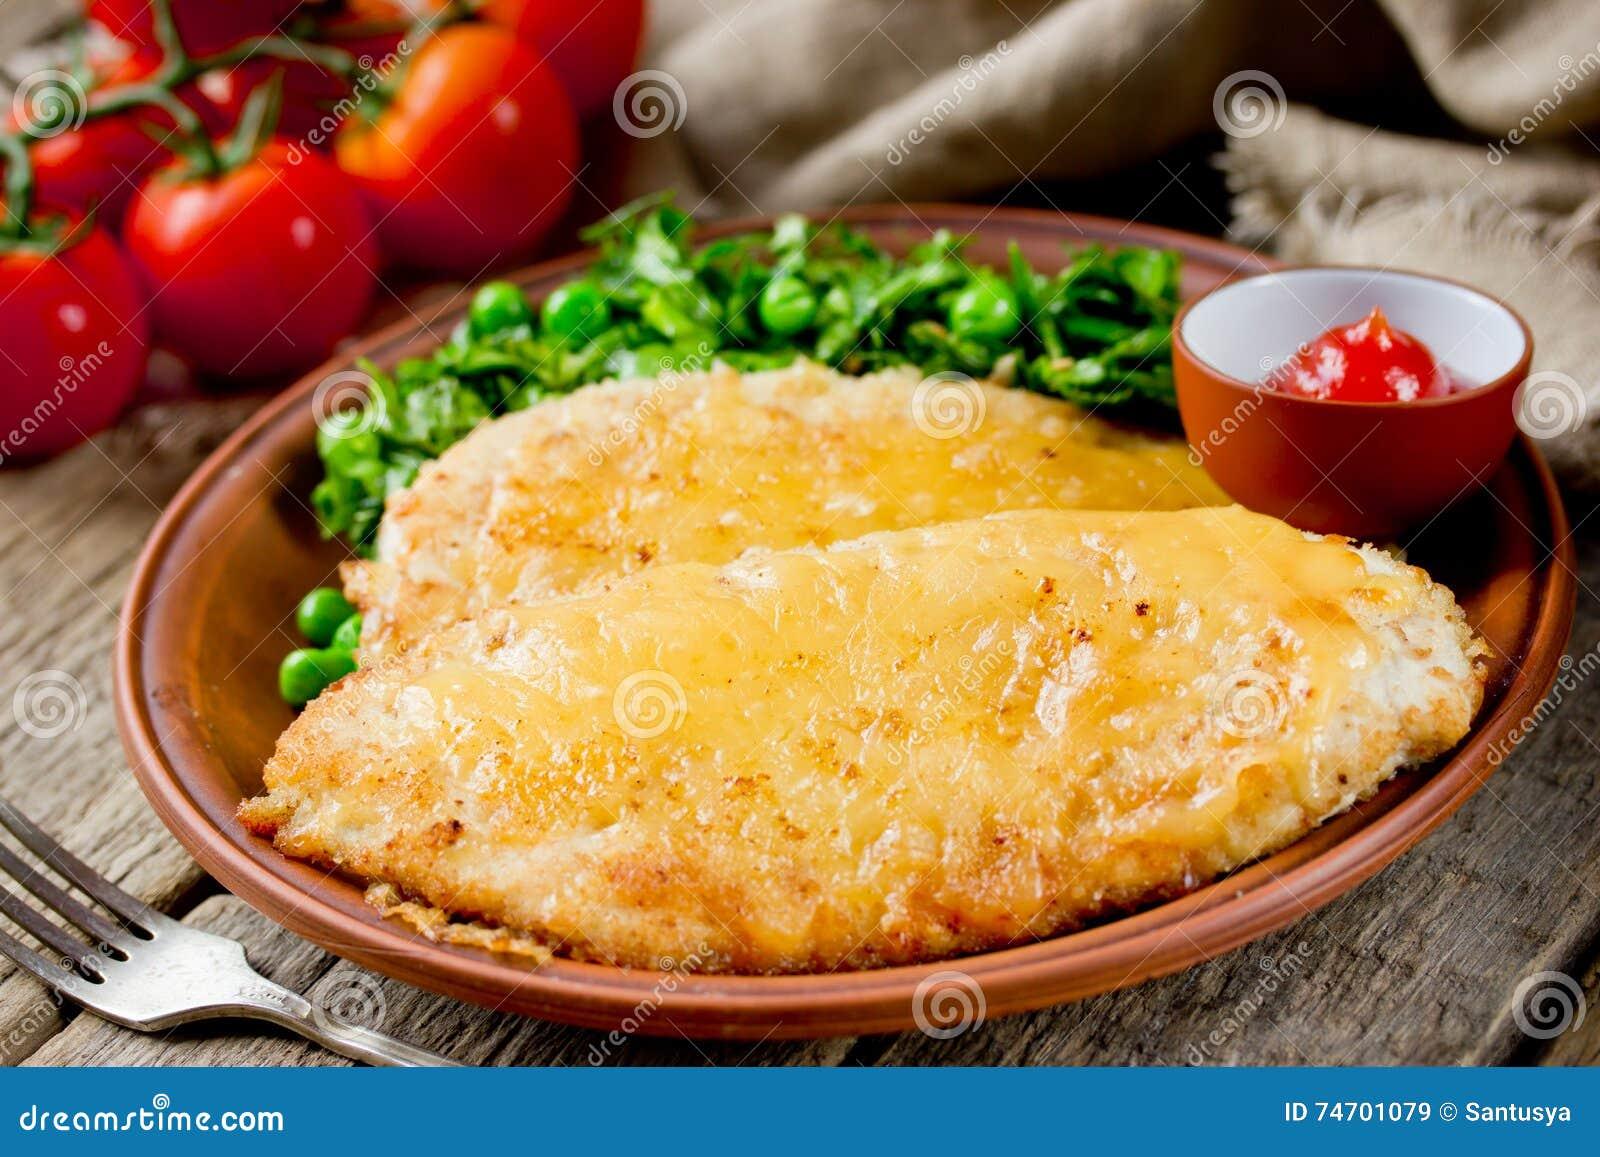 与乳酪外壳的鸡炸肉排晚餐的